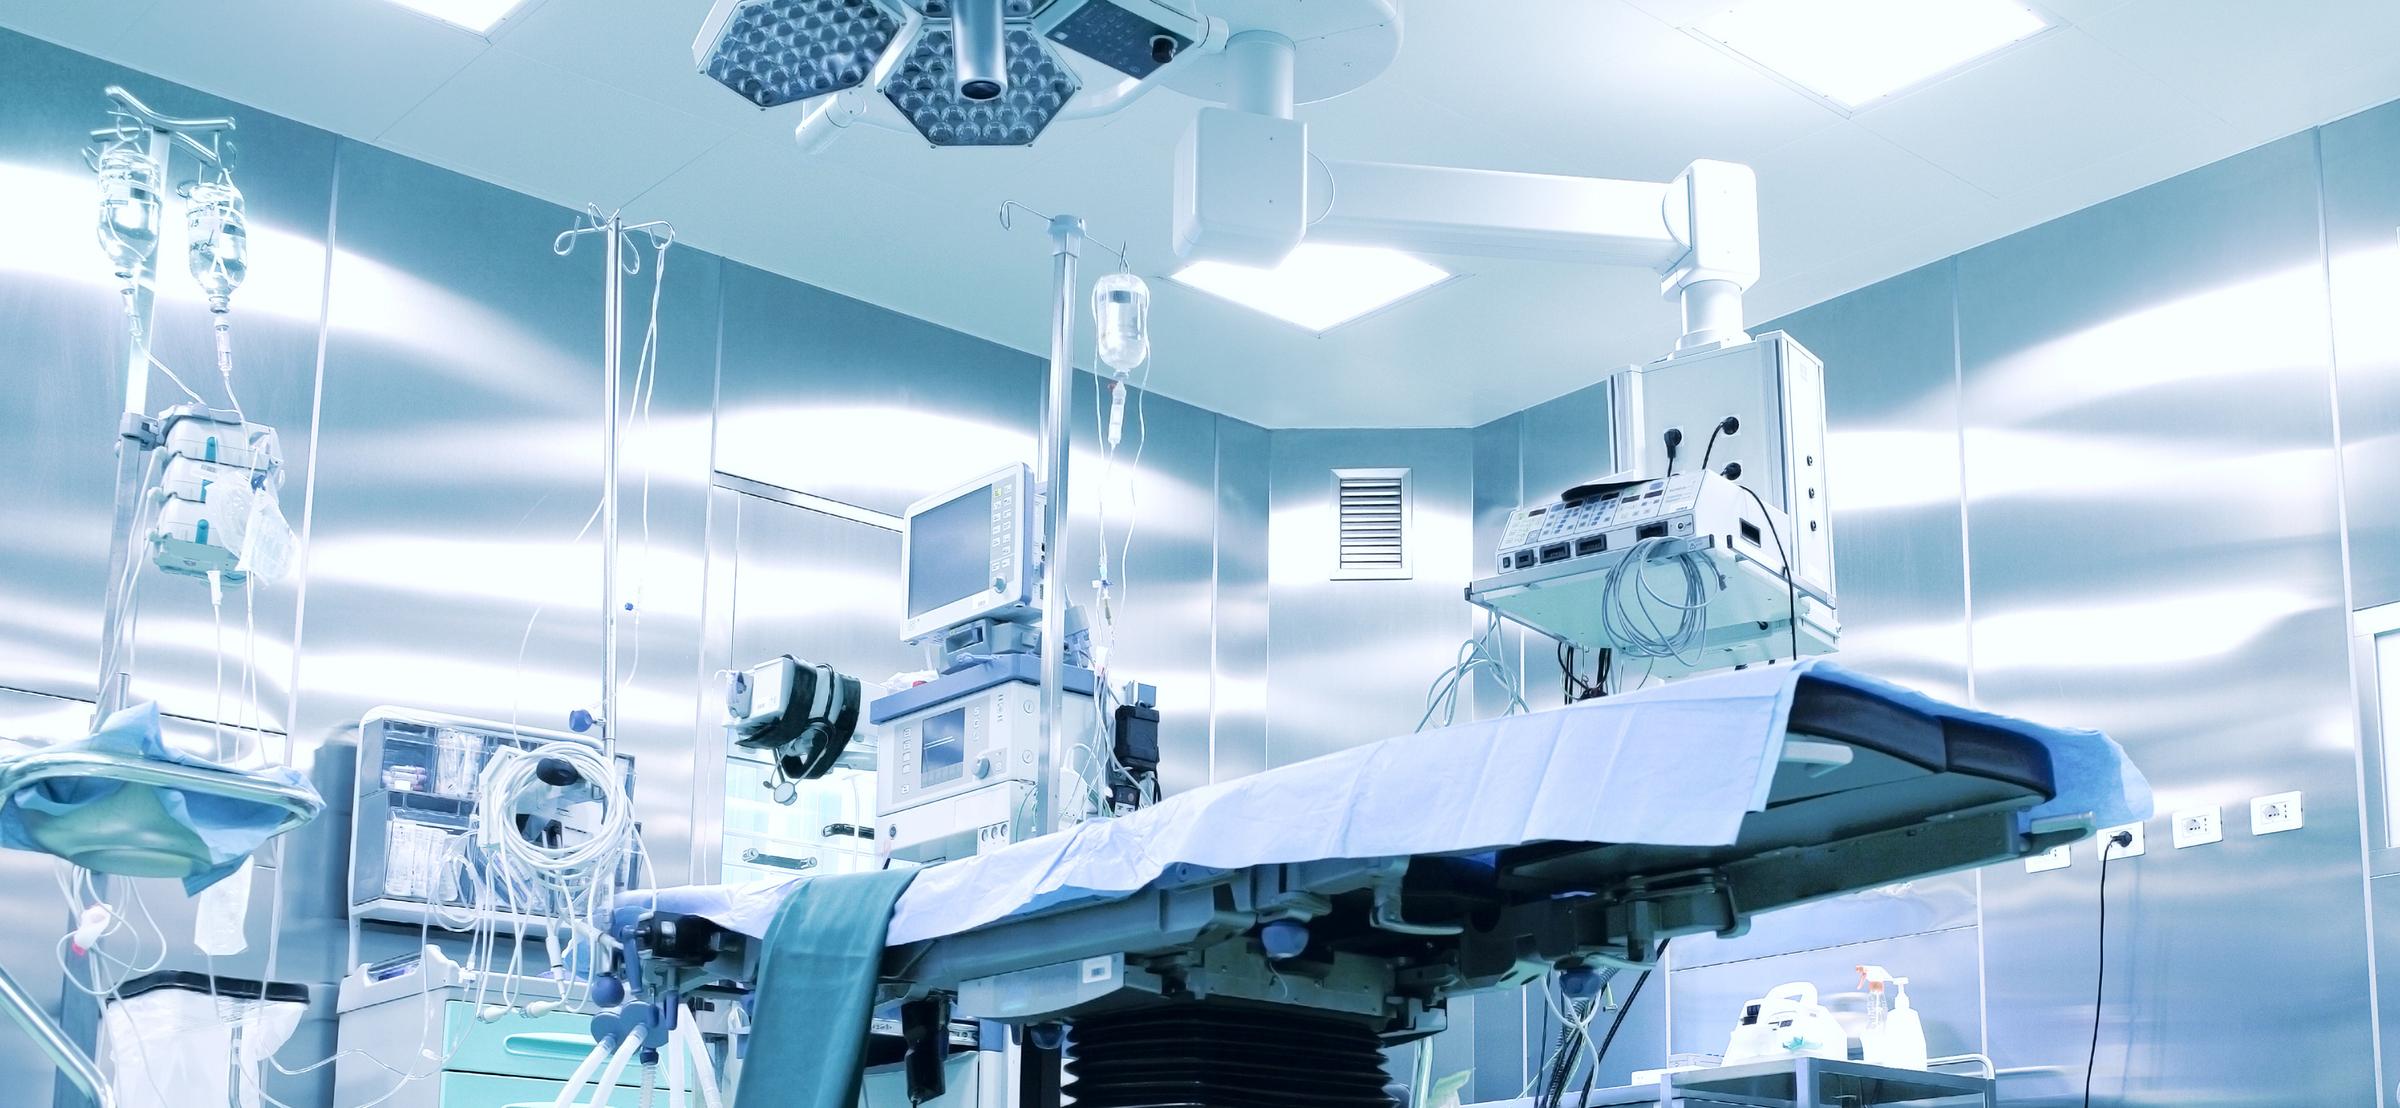 滚球体育比滚球体育比分直播产品-医疗保健技术和设施管理软件